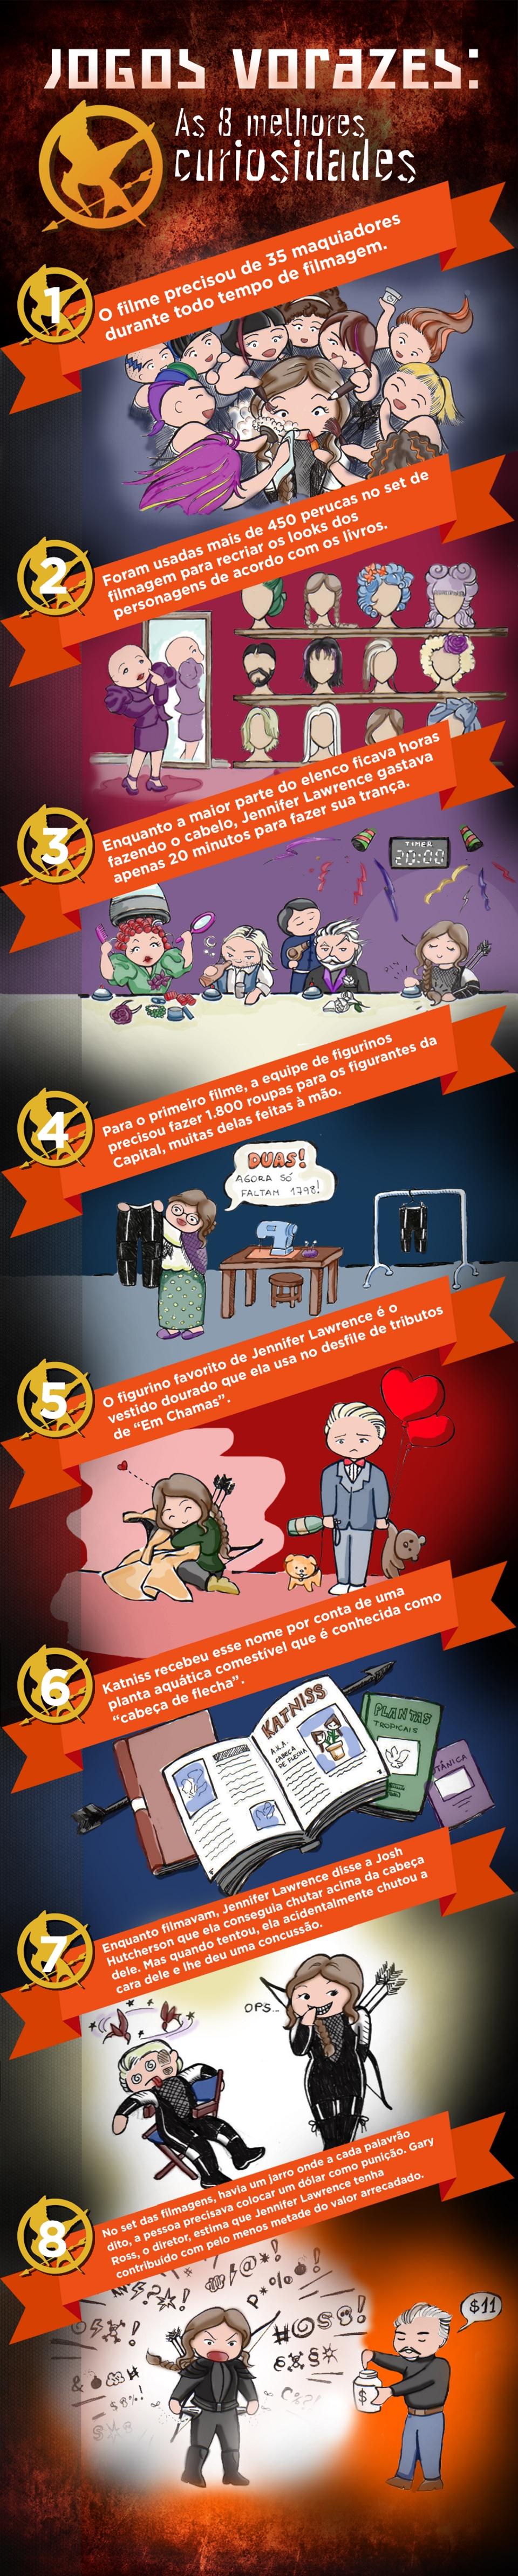 As 8 melhores curiosidades sobre Jogos Vorazes [infográfico]